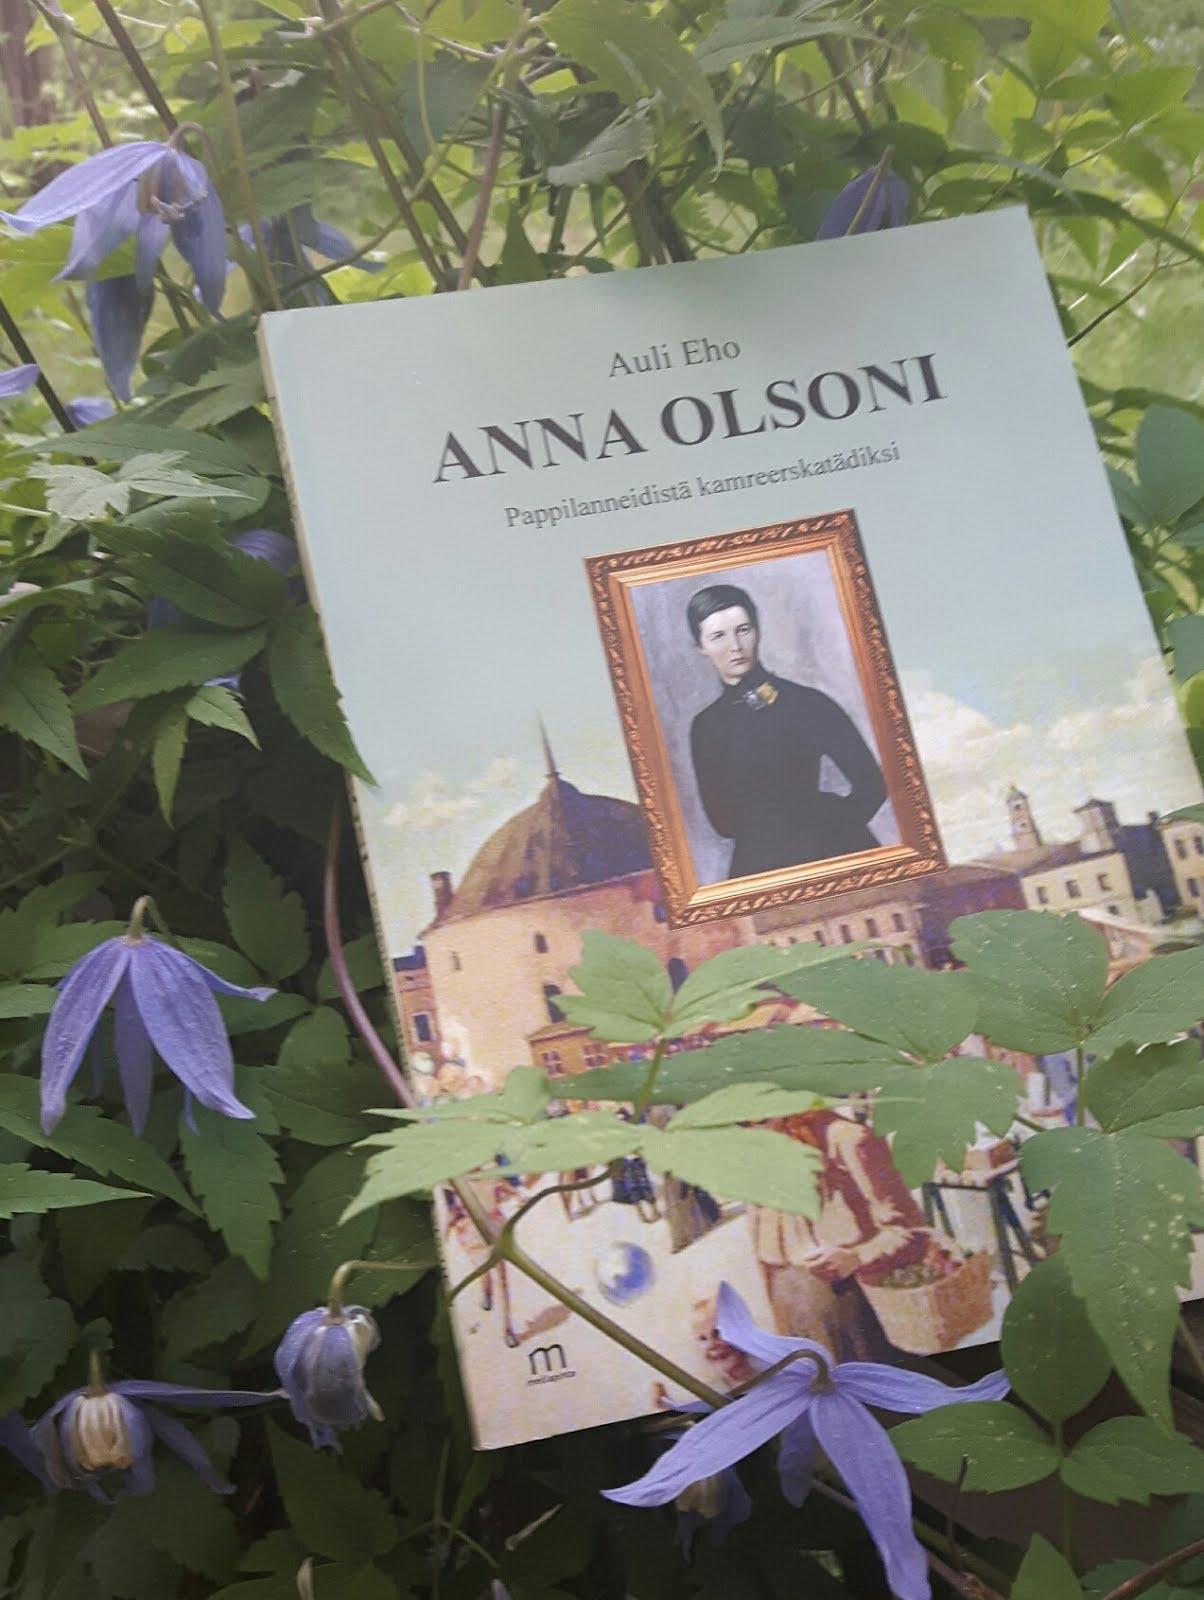 Anna Olsoni pappilanneidistä kamreerskatädiksi